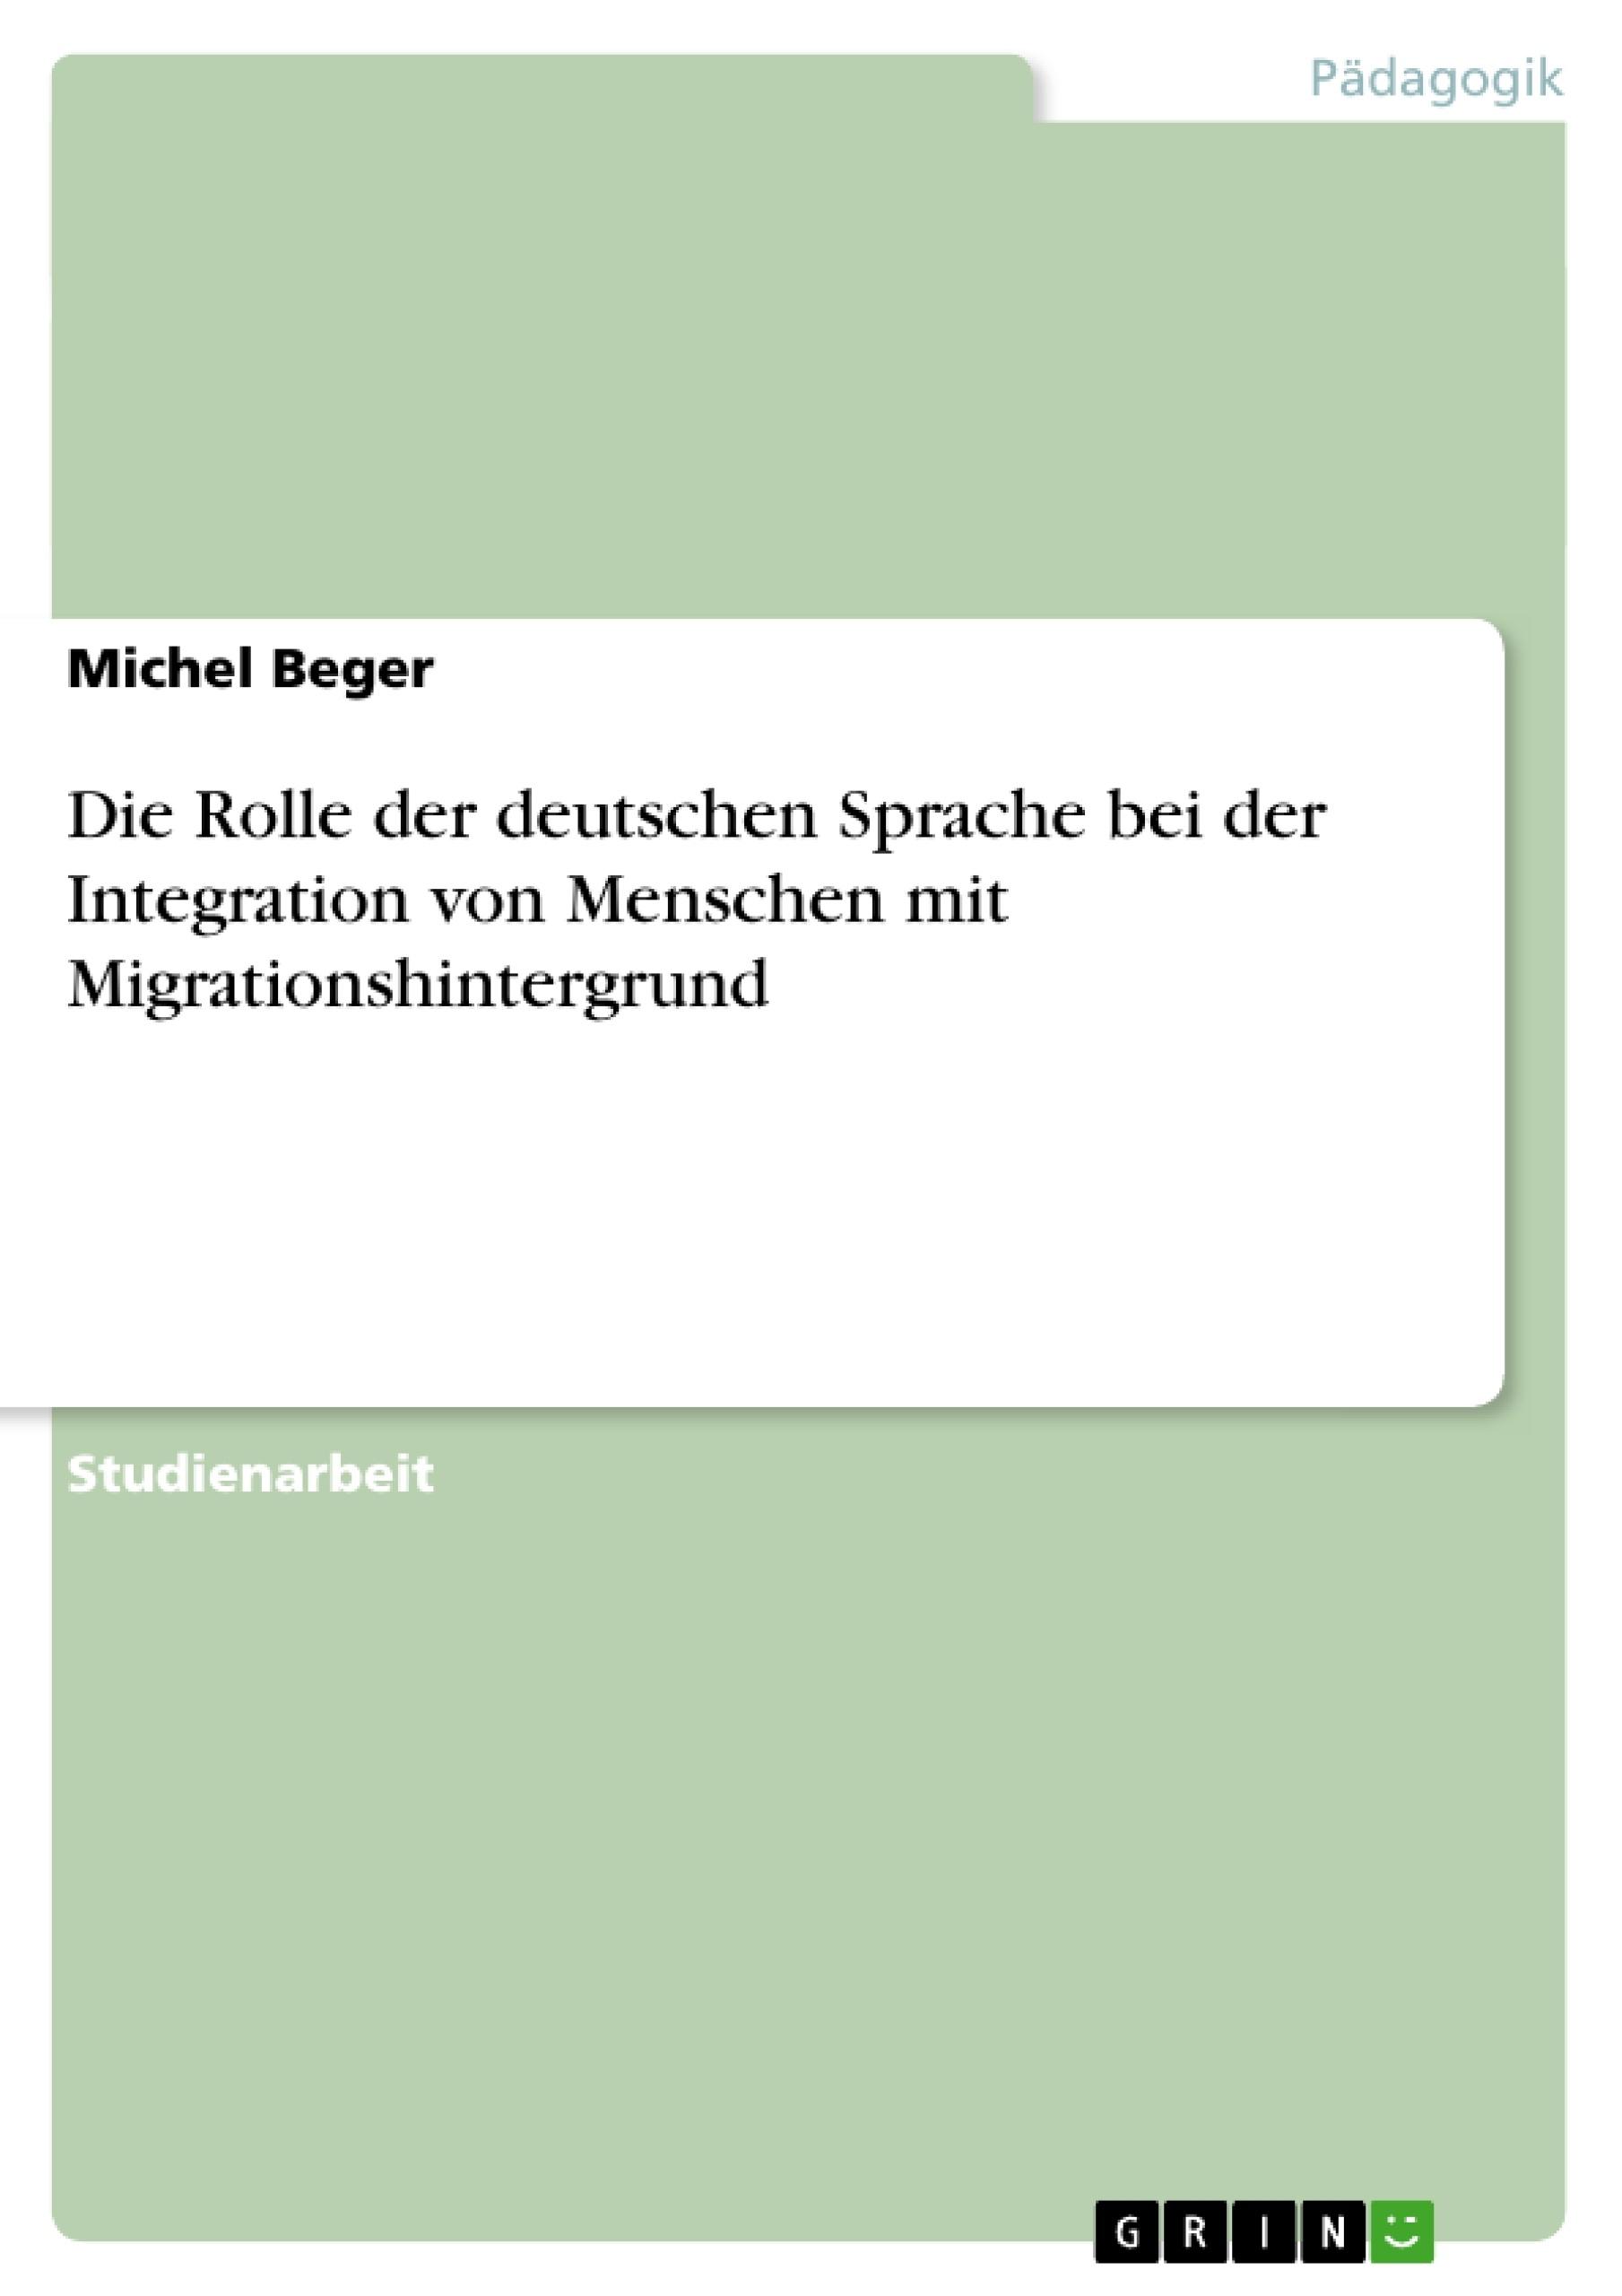 Titel: Die Rolle der deutschen Sprache bei der Integration von Menschen mit Migrationshintergrund